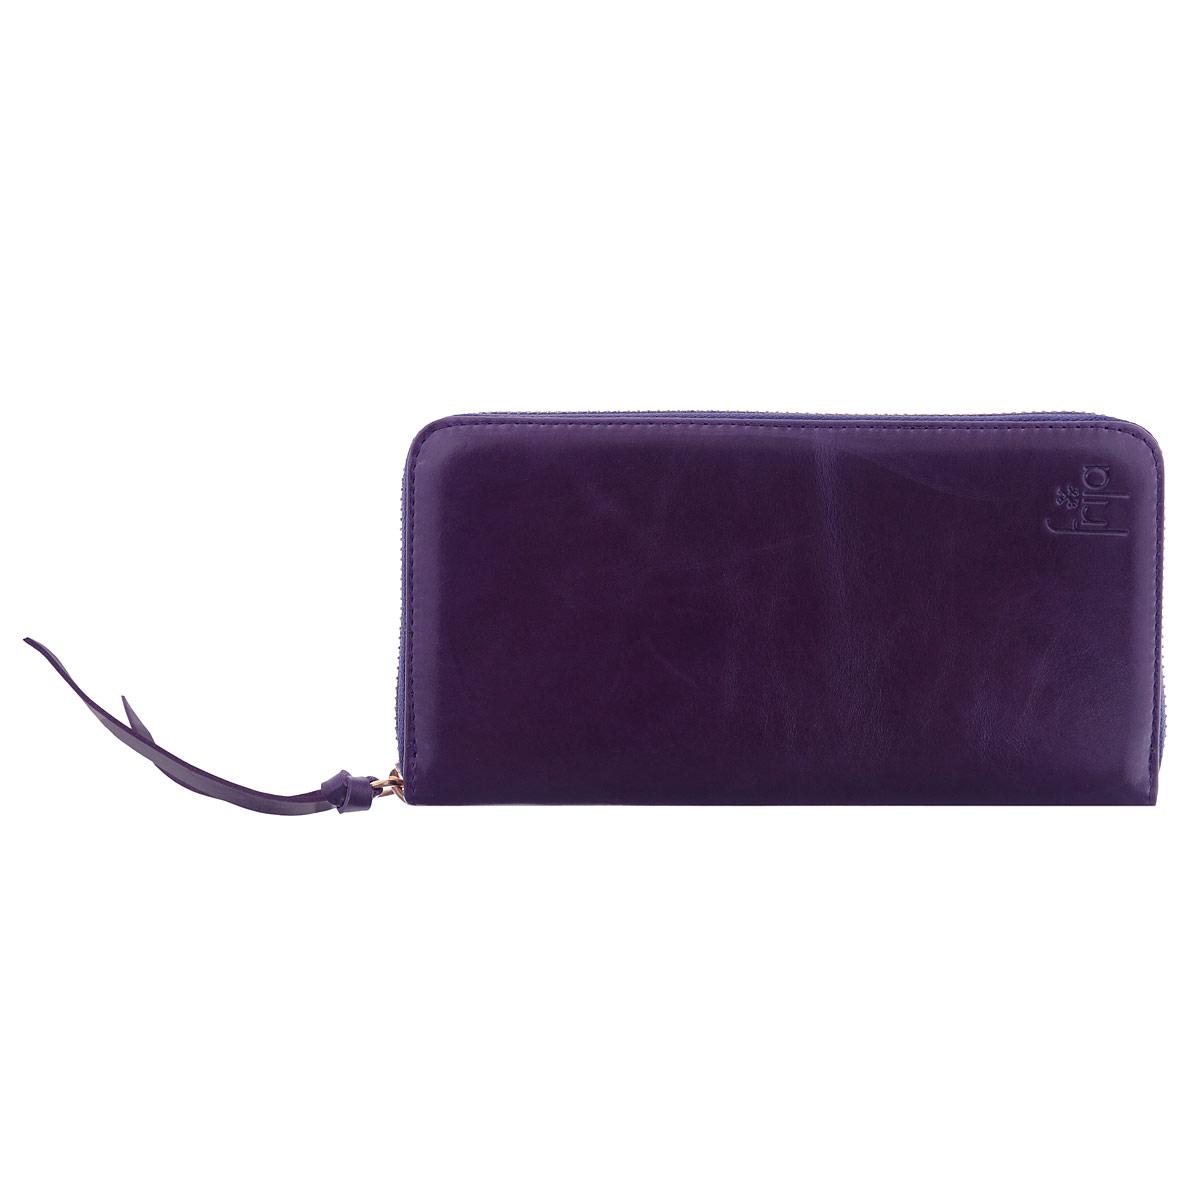 Портмоне женское Frija, цвет: фиолетовый. 15-0209-11-NAV/V/GBM8434-58AEЖенское портмоне Frija - это не только удобная и практичная вещь, но и стильный современный аксессуар, который, благодаря своему привлекательному дизайну и высокому качеству исполнения, блестяще подчеркнет тонкий взыскательный вкус своей обладательницы.Выполнено из натуральной кожи и декорировано хлястиком. Модель закрывается на металлическую молнию. Внутри три отделения для купюр, два скрытых дополнительных кармана, одно отделение для мелочи на молнии, восемь карманов для кредиток.Портмоне упаковано в фирменную коробку-футляр.